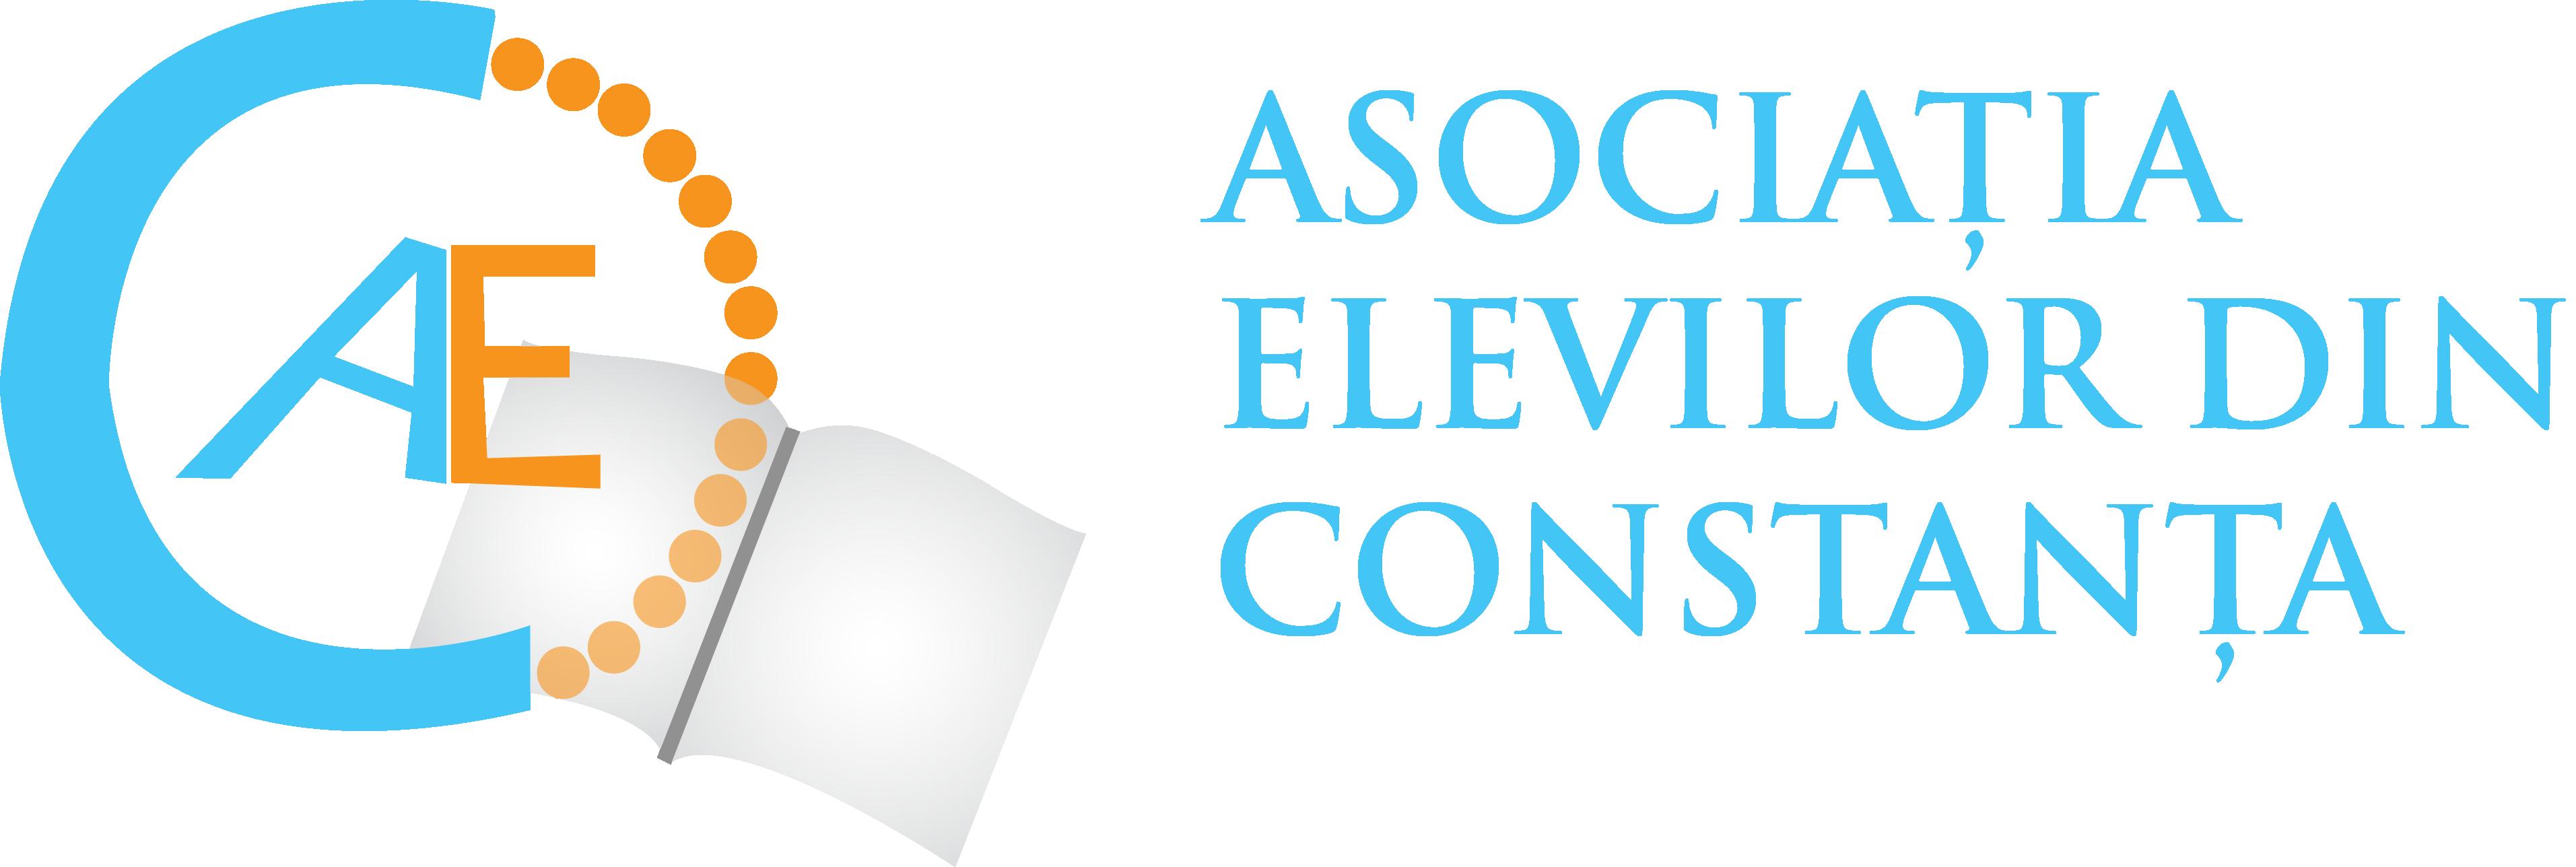 Asociația Elevilor din Constanța logo